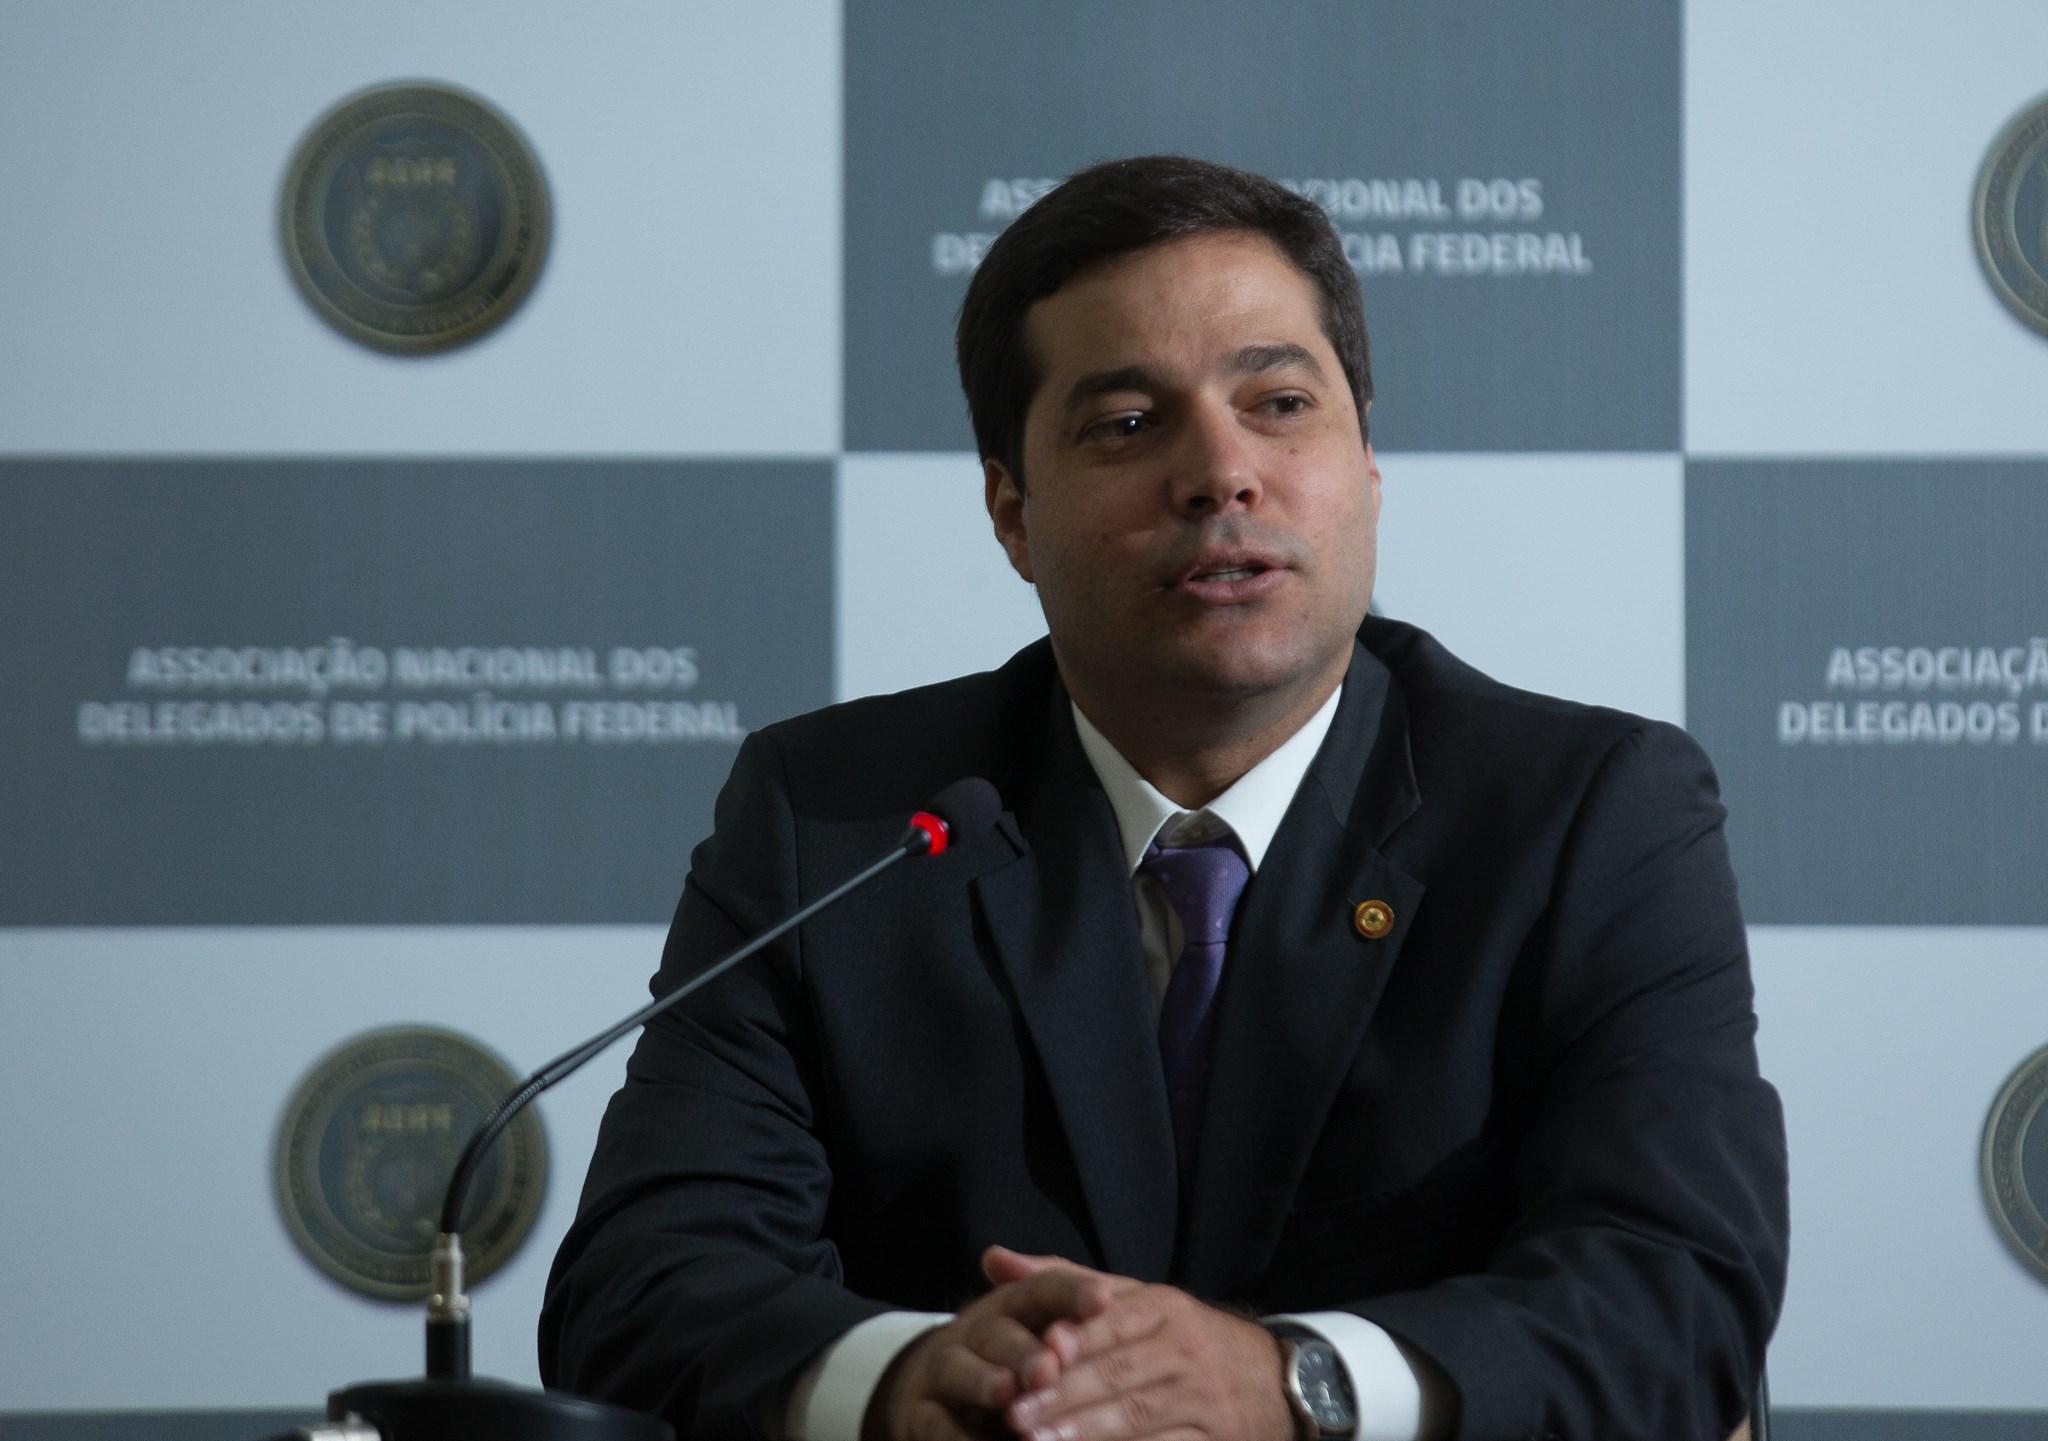 Presidente de entidade dos delegados da PF foi do PT por 12 anos ...